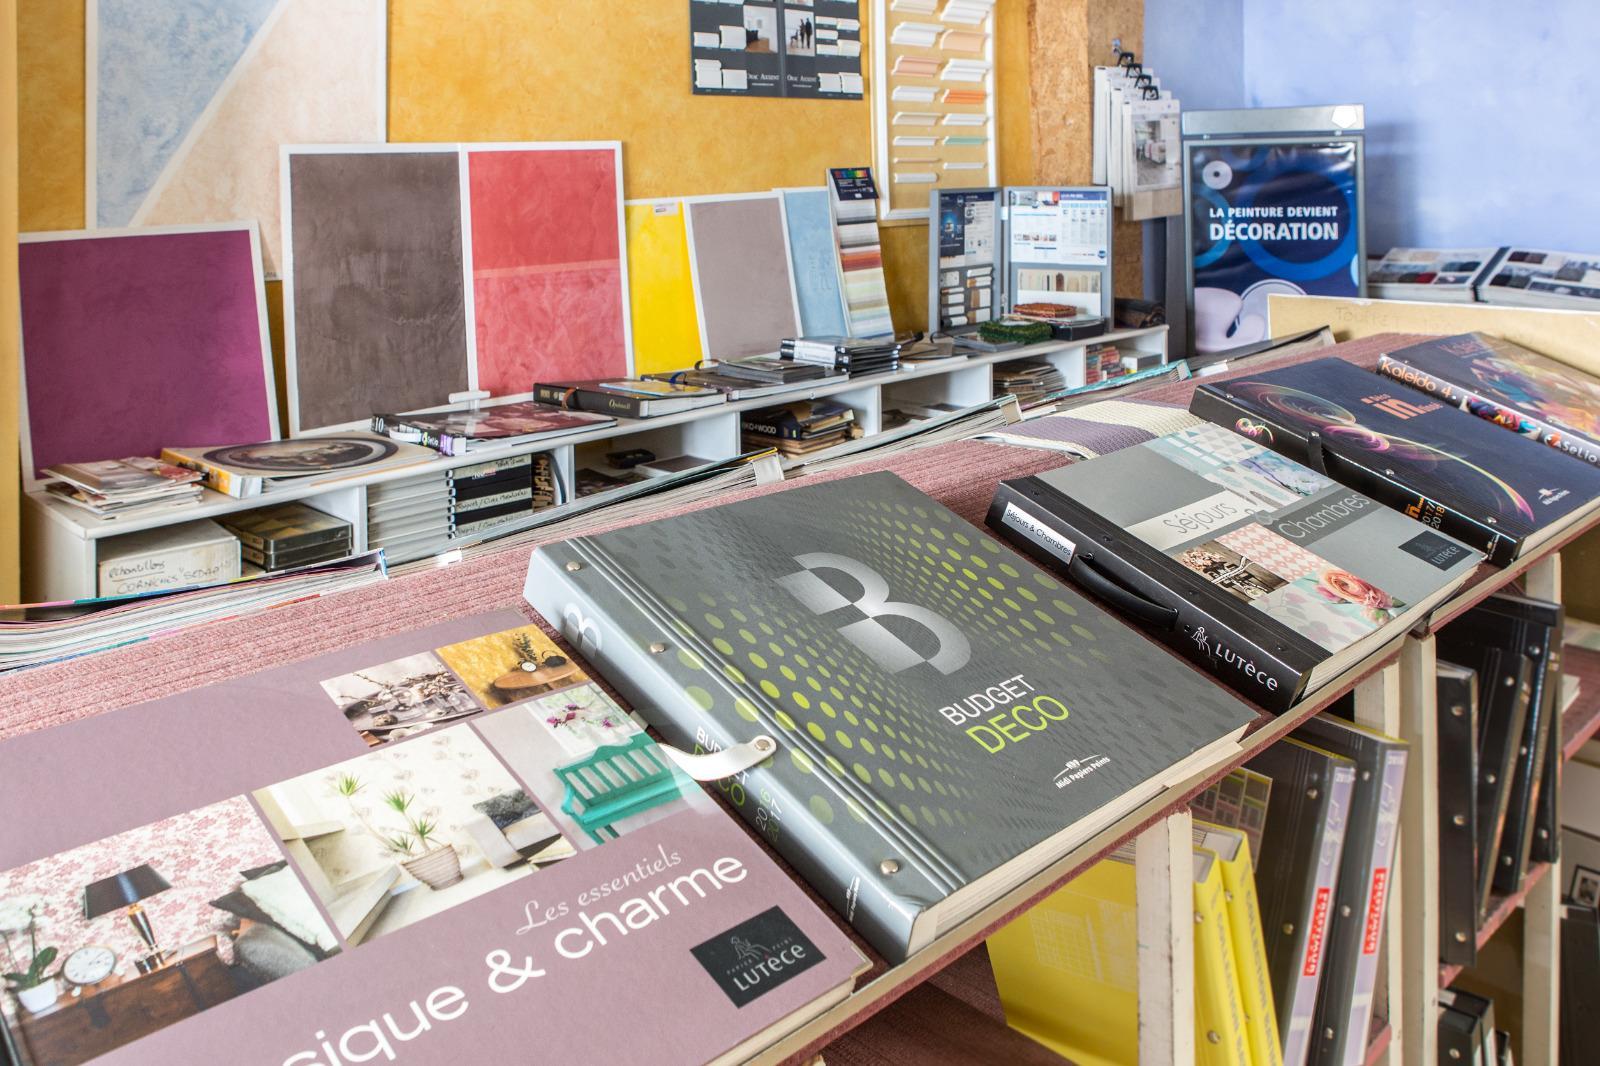 Doise Peintures Distributeur De Peintures Specialise Montpellier 44